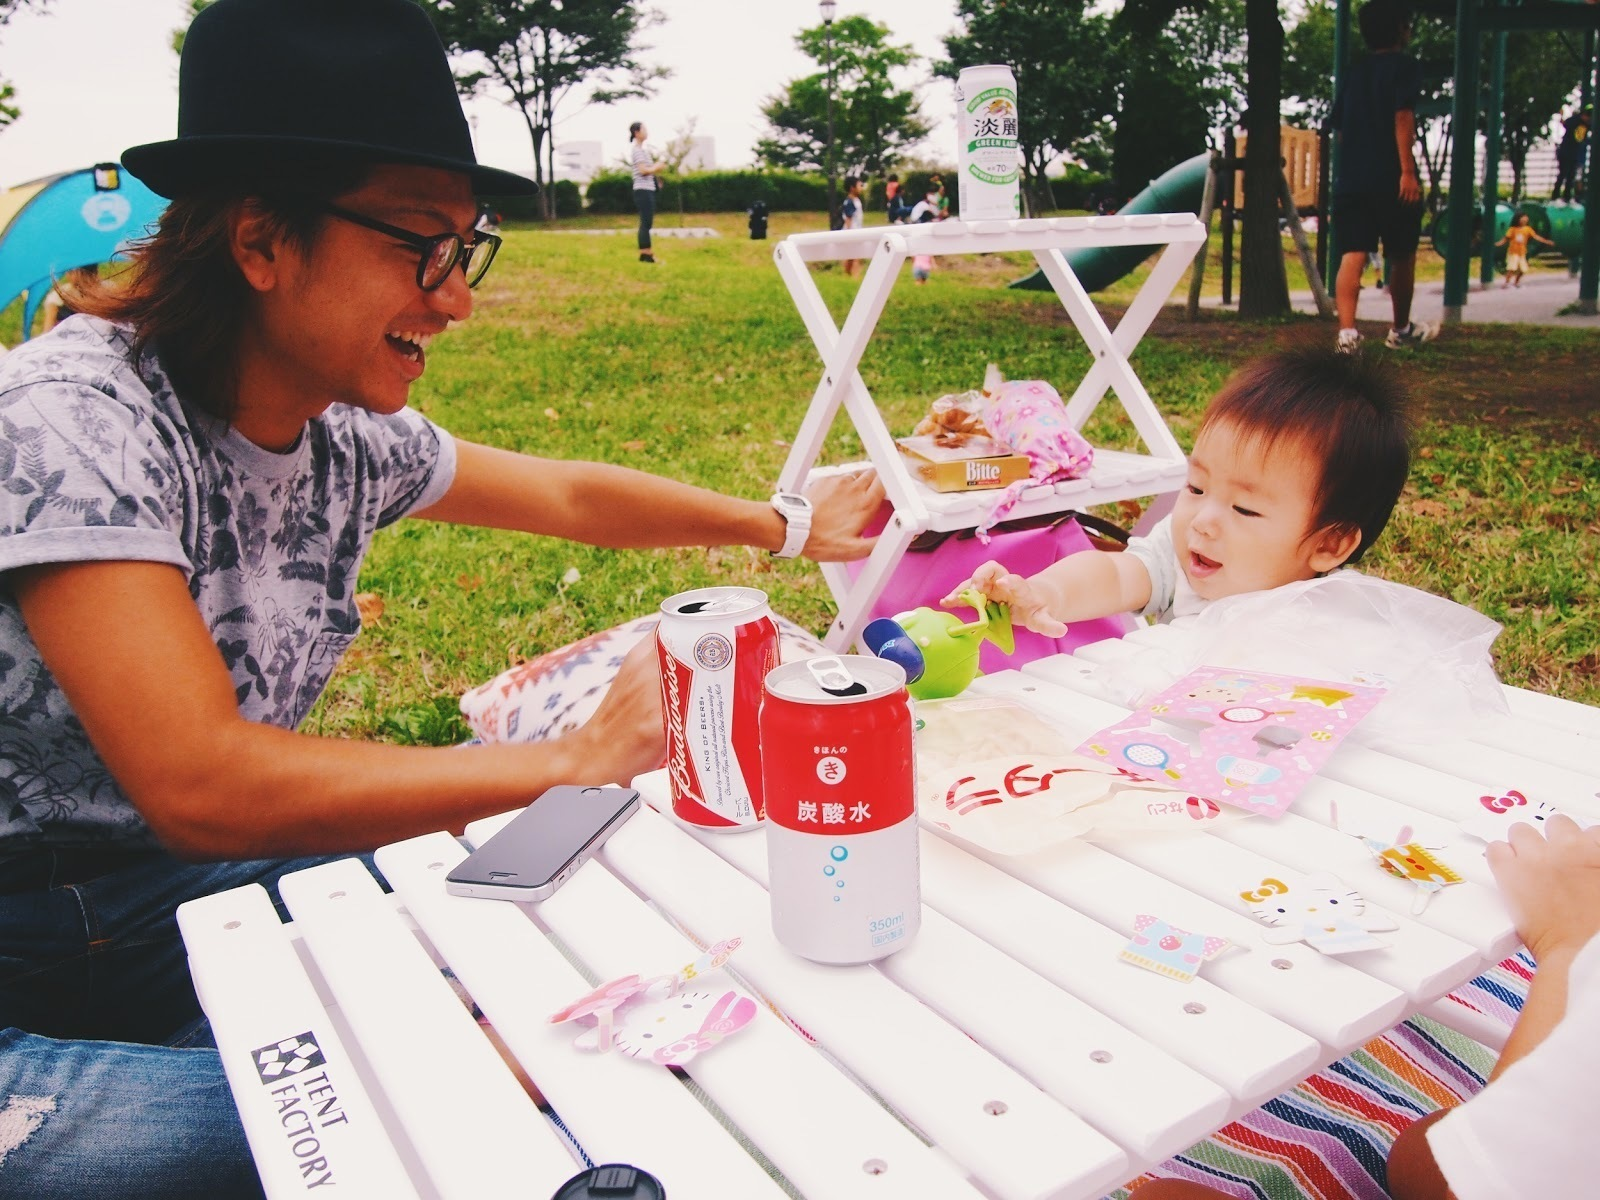 お父さんと小さな子供がピクニックをする様子